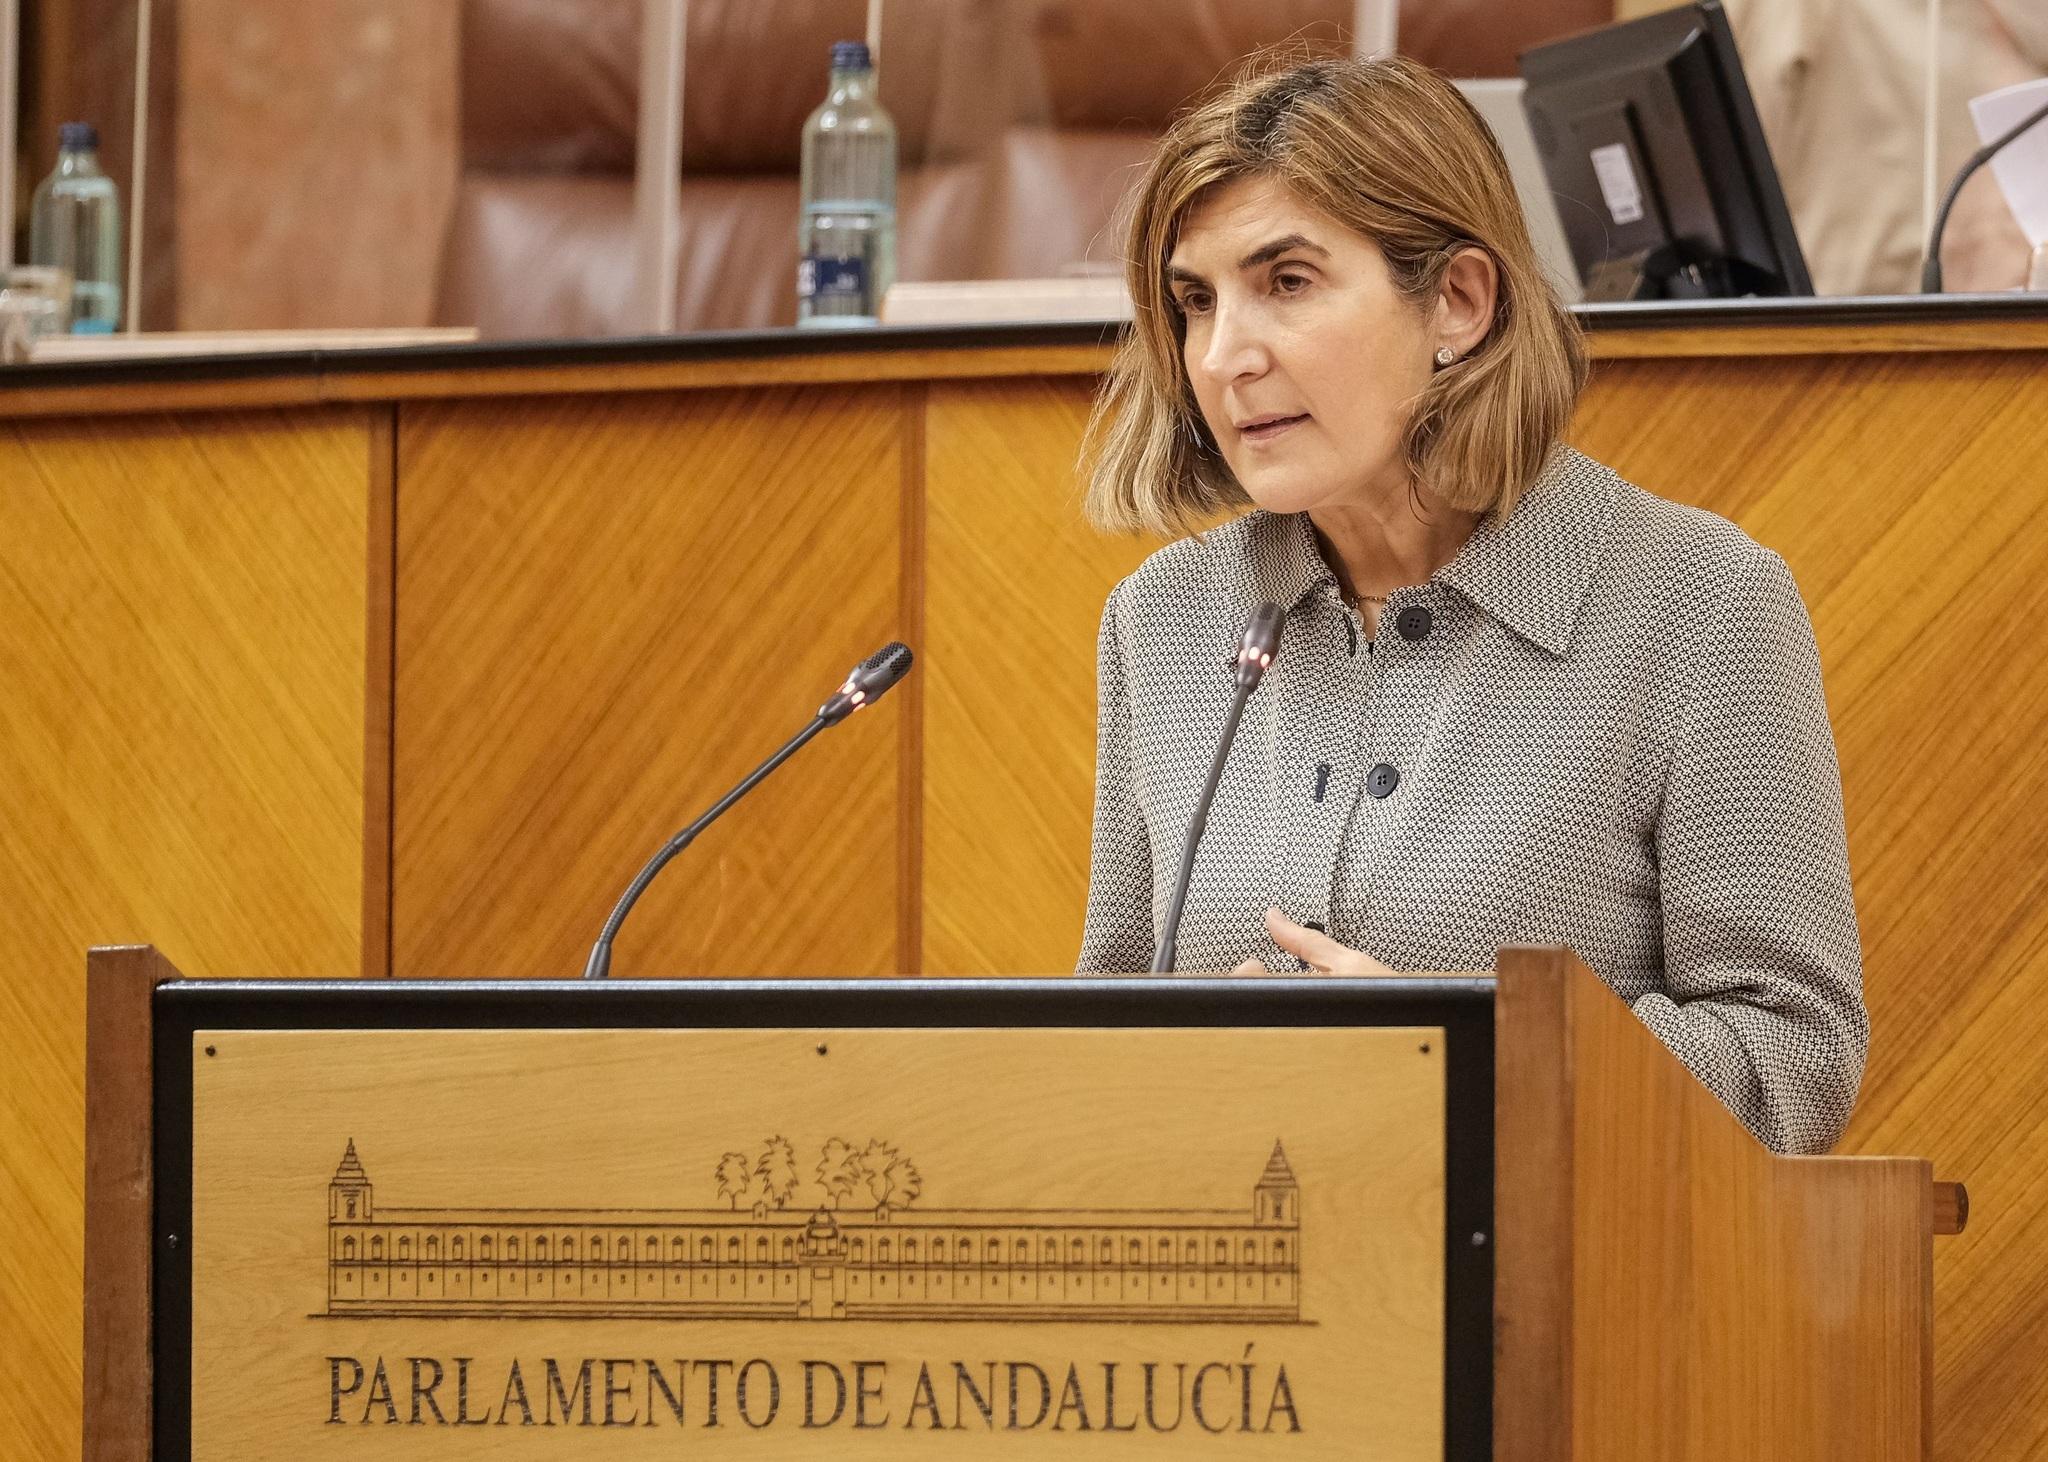 Los Alumnos De Los Cursos De Formacion De La Junta Reciben Sus Becas 10 Anos Despues Andalucia